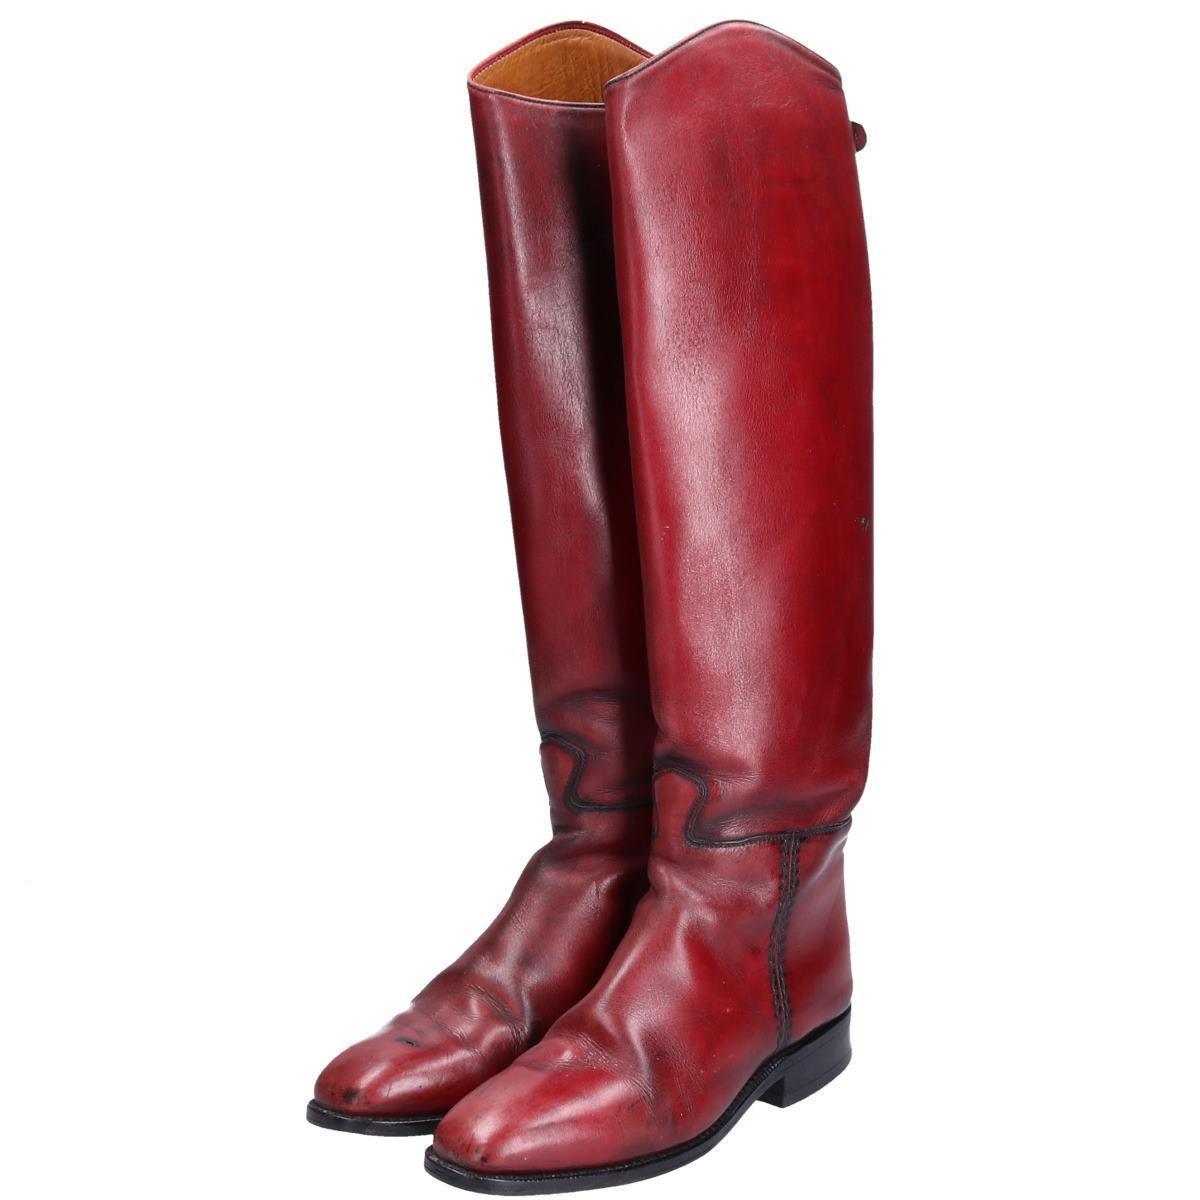 カバロ Cavallo ジョッキー乗馬ブーツ 5.5 レディース23.5cm /bop6579 【中古】 【190923】